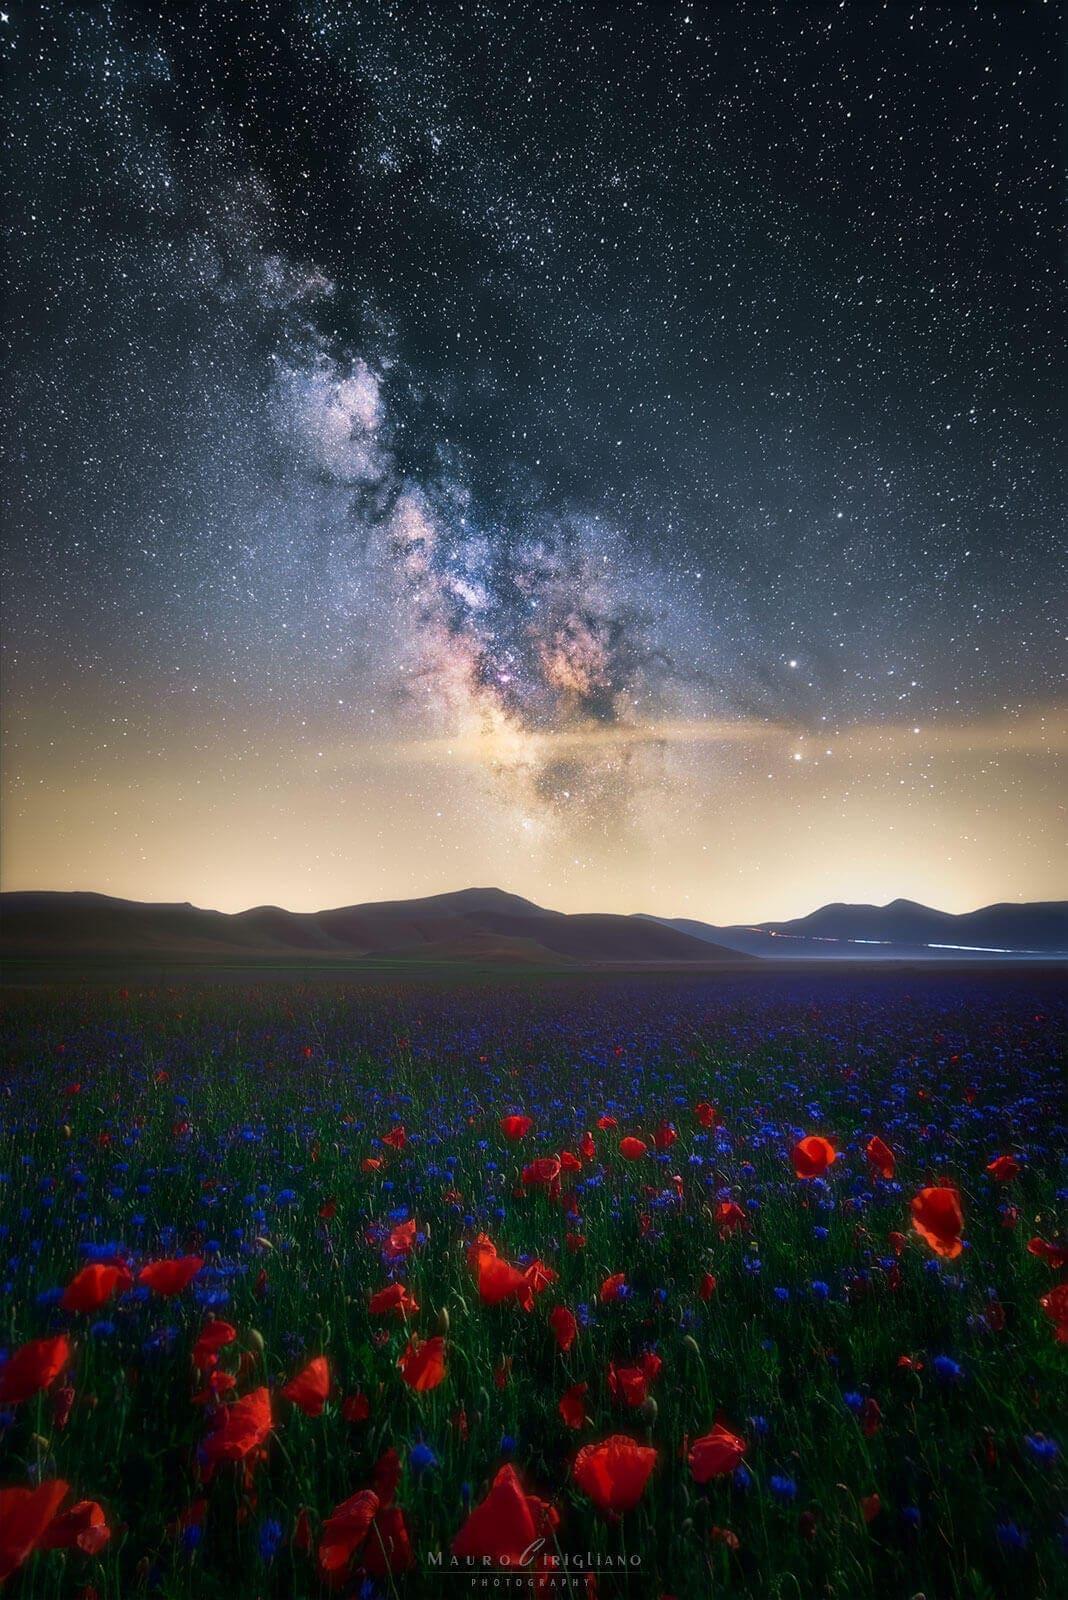 flowery field with milky way